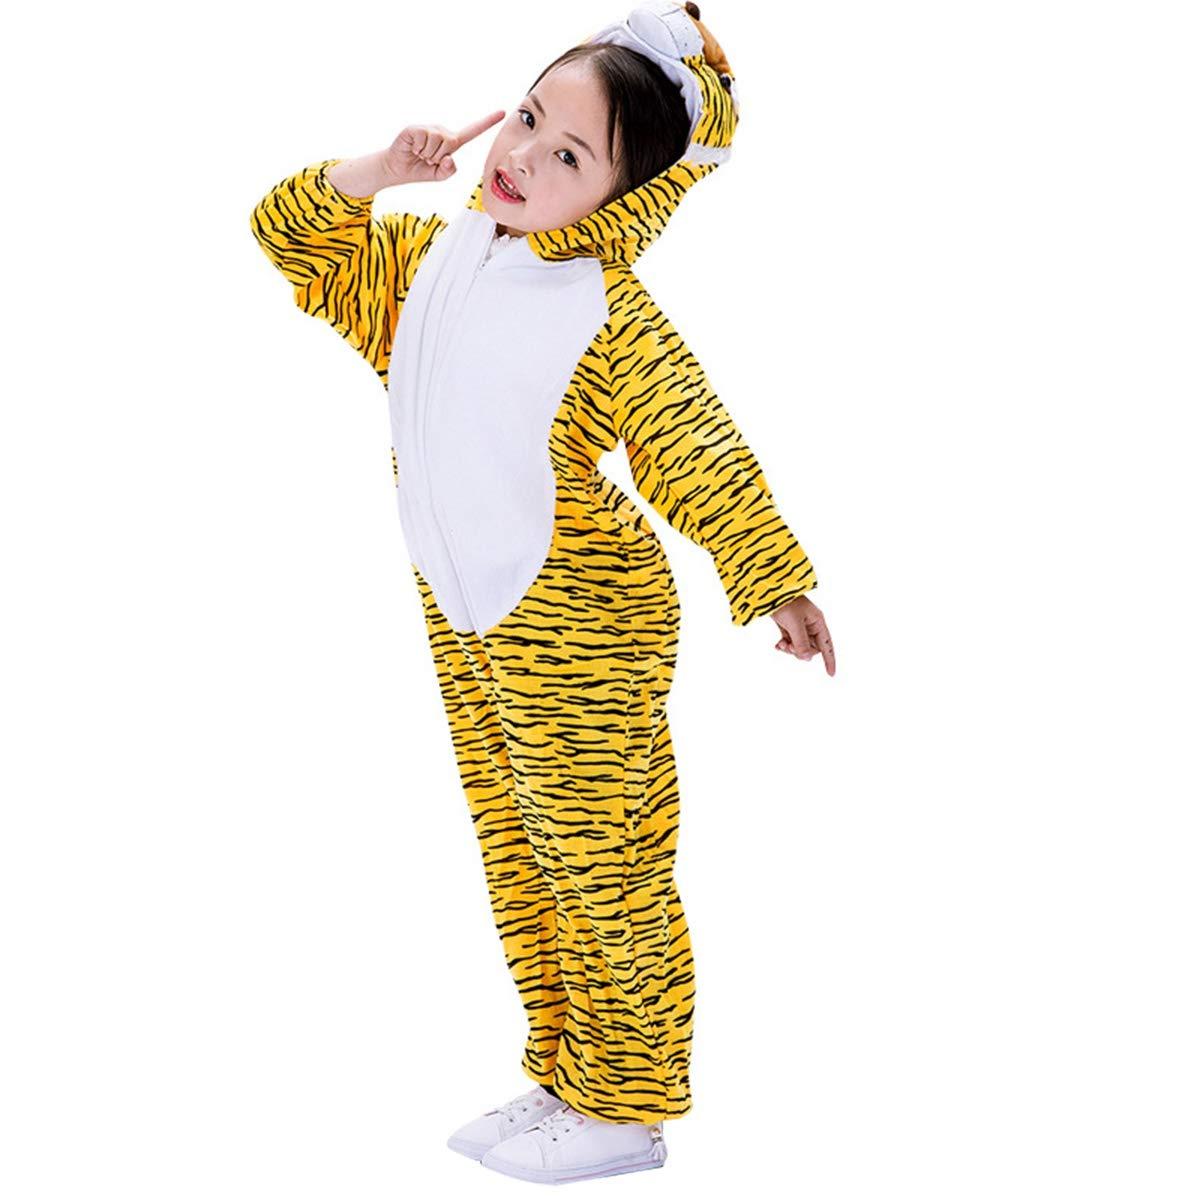 Amosfun Disfraz de Tigre de fantasía Disfraz Disfraz Juego de ...